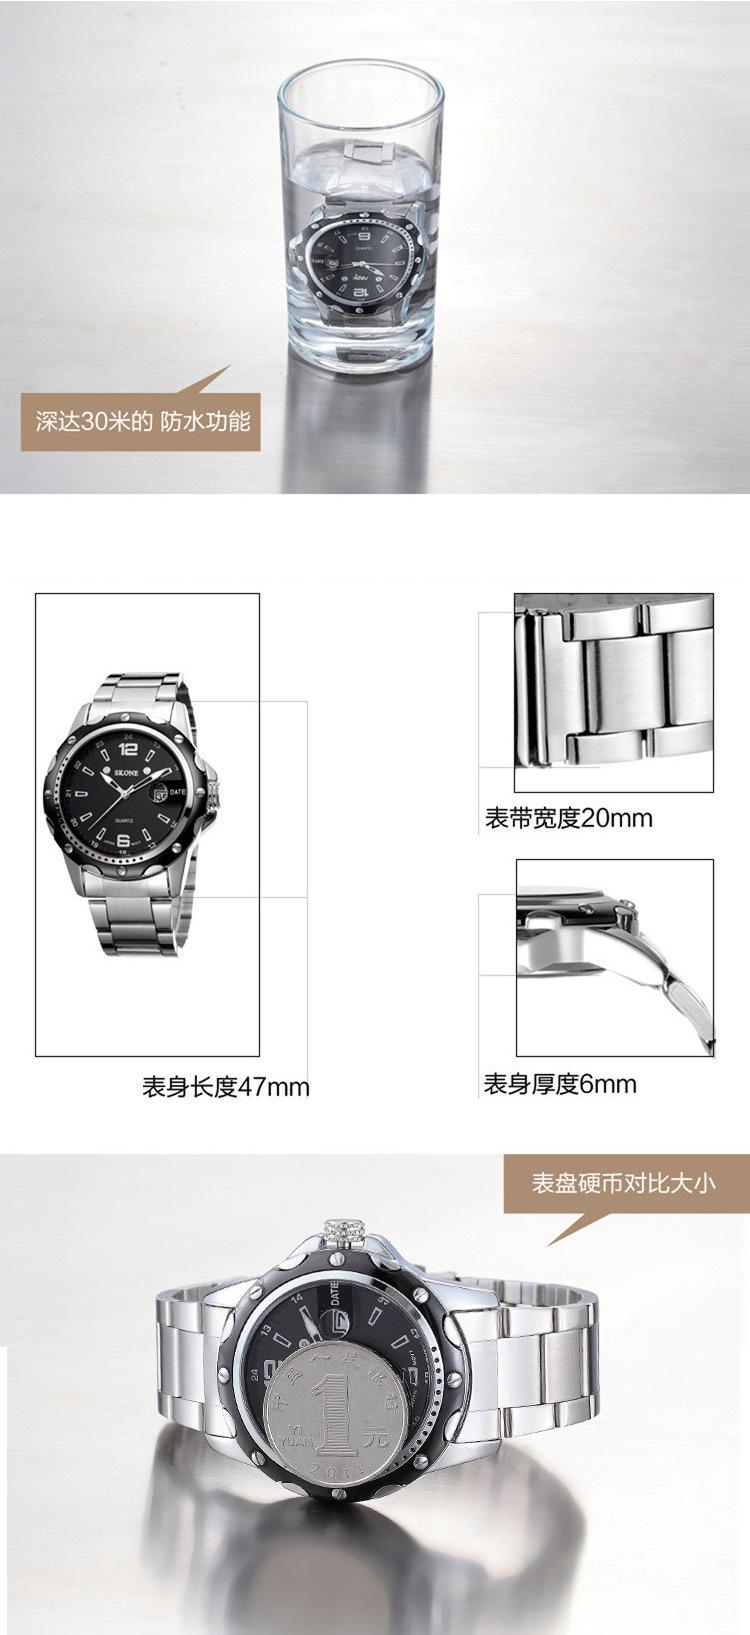 2016 Часы мужчины люксовый бренд Бизнес Часы кварцевые спорт парни весь стали наручные часы погружения 30 м Случайные часы relogio masculino